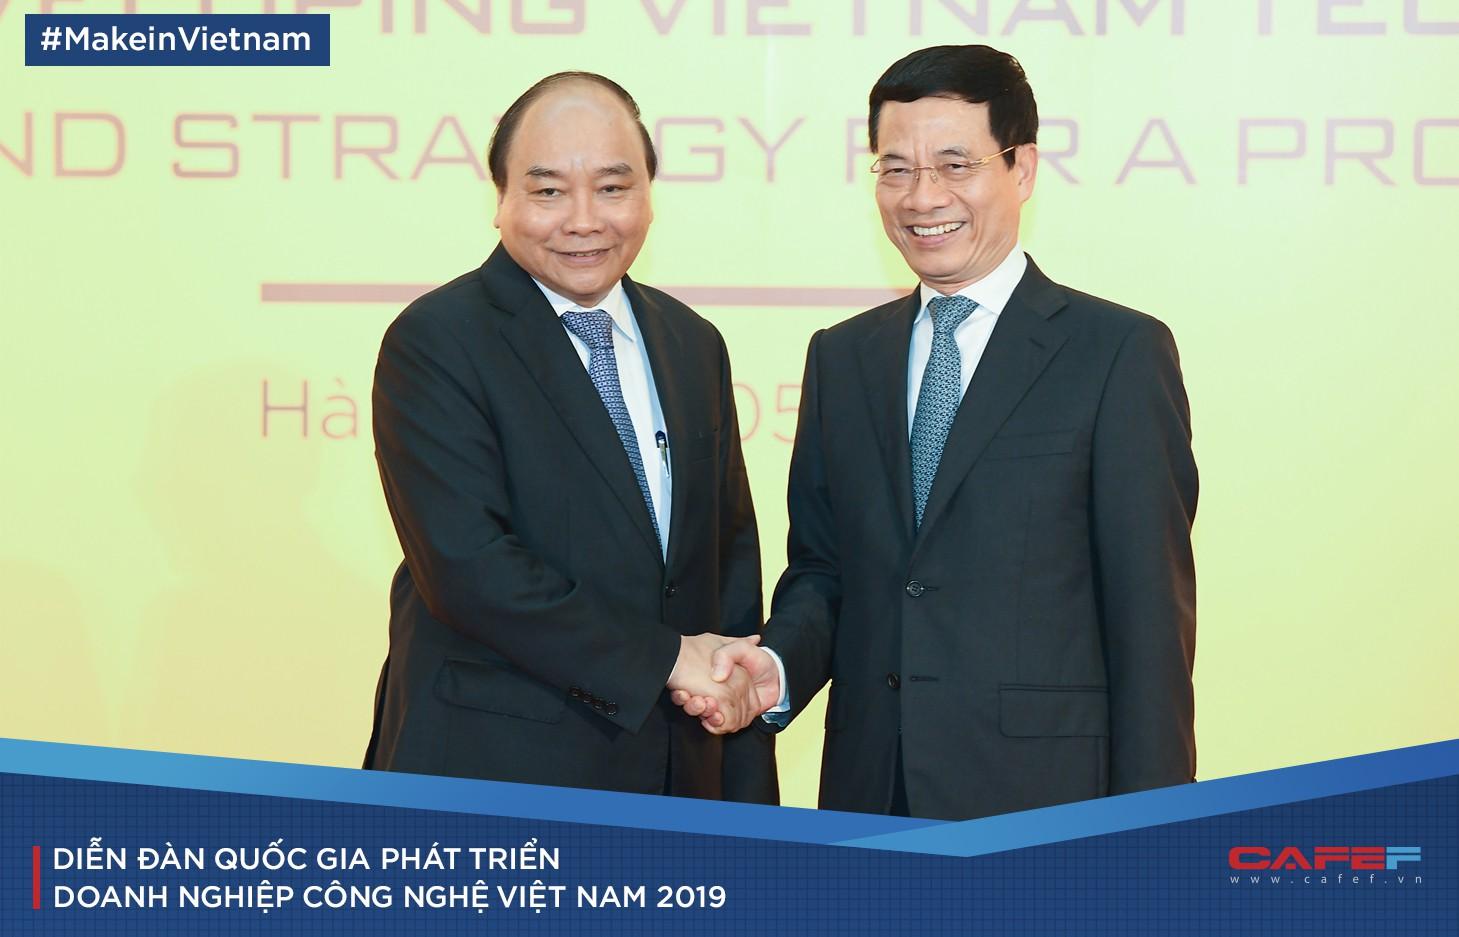 """Góc nhìn lạ đằng sau """"Make in Vietnam"""" của Bộ trưởng Nguyễn Mạnh Hùng - Ảnh 9."""